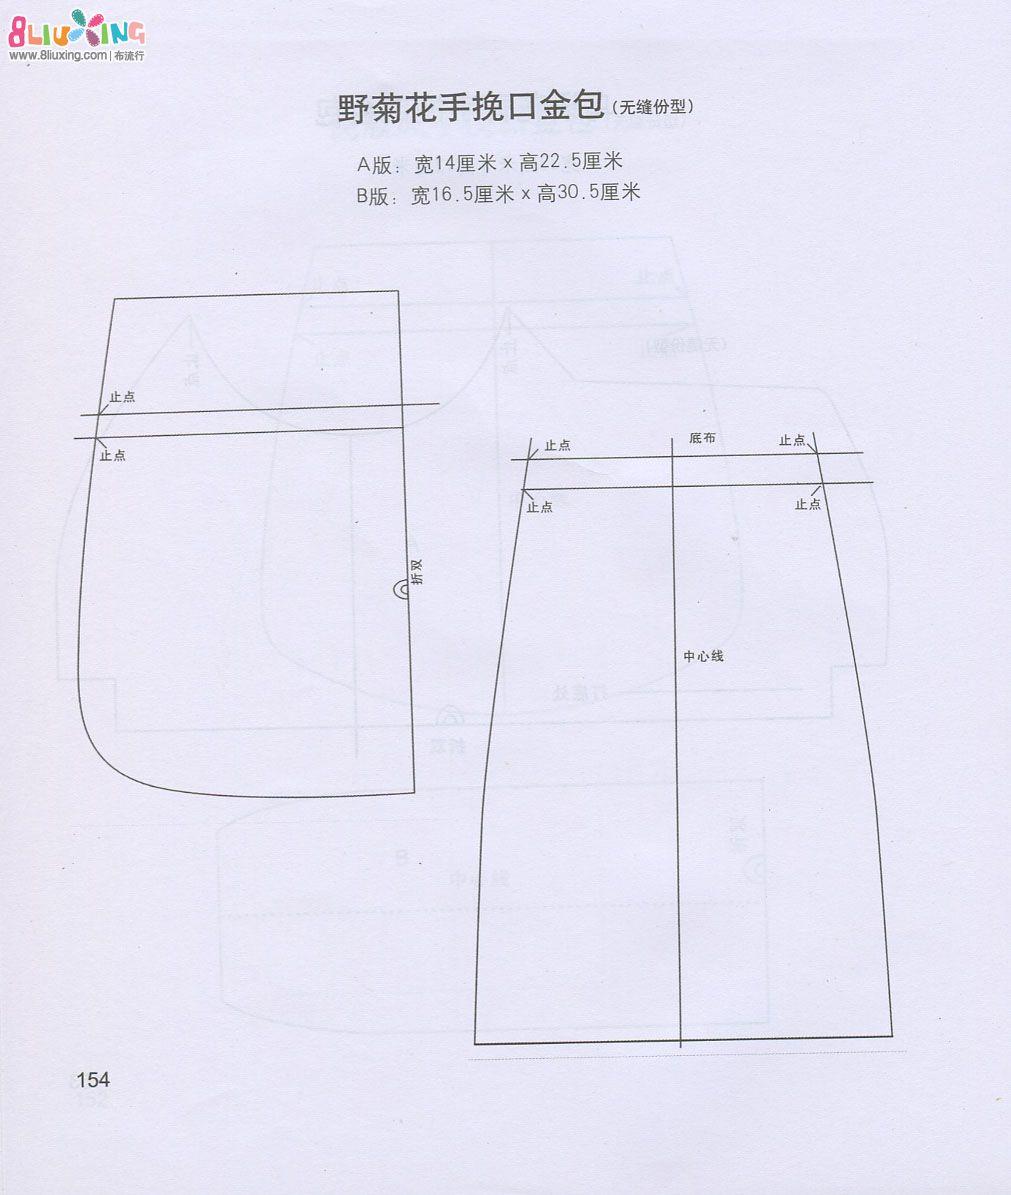 野菊花手挽口金包(图纸)-图纸下载专区-布流服务区图纸图片